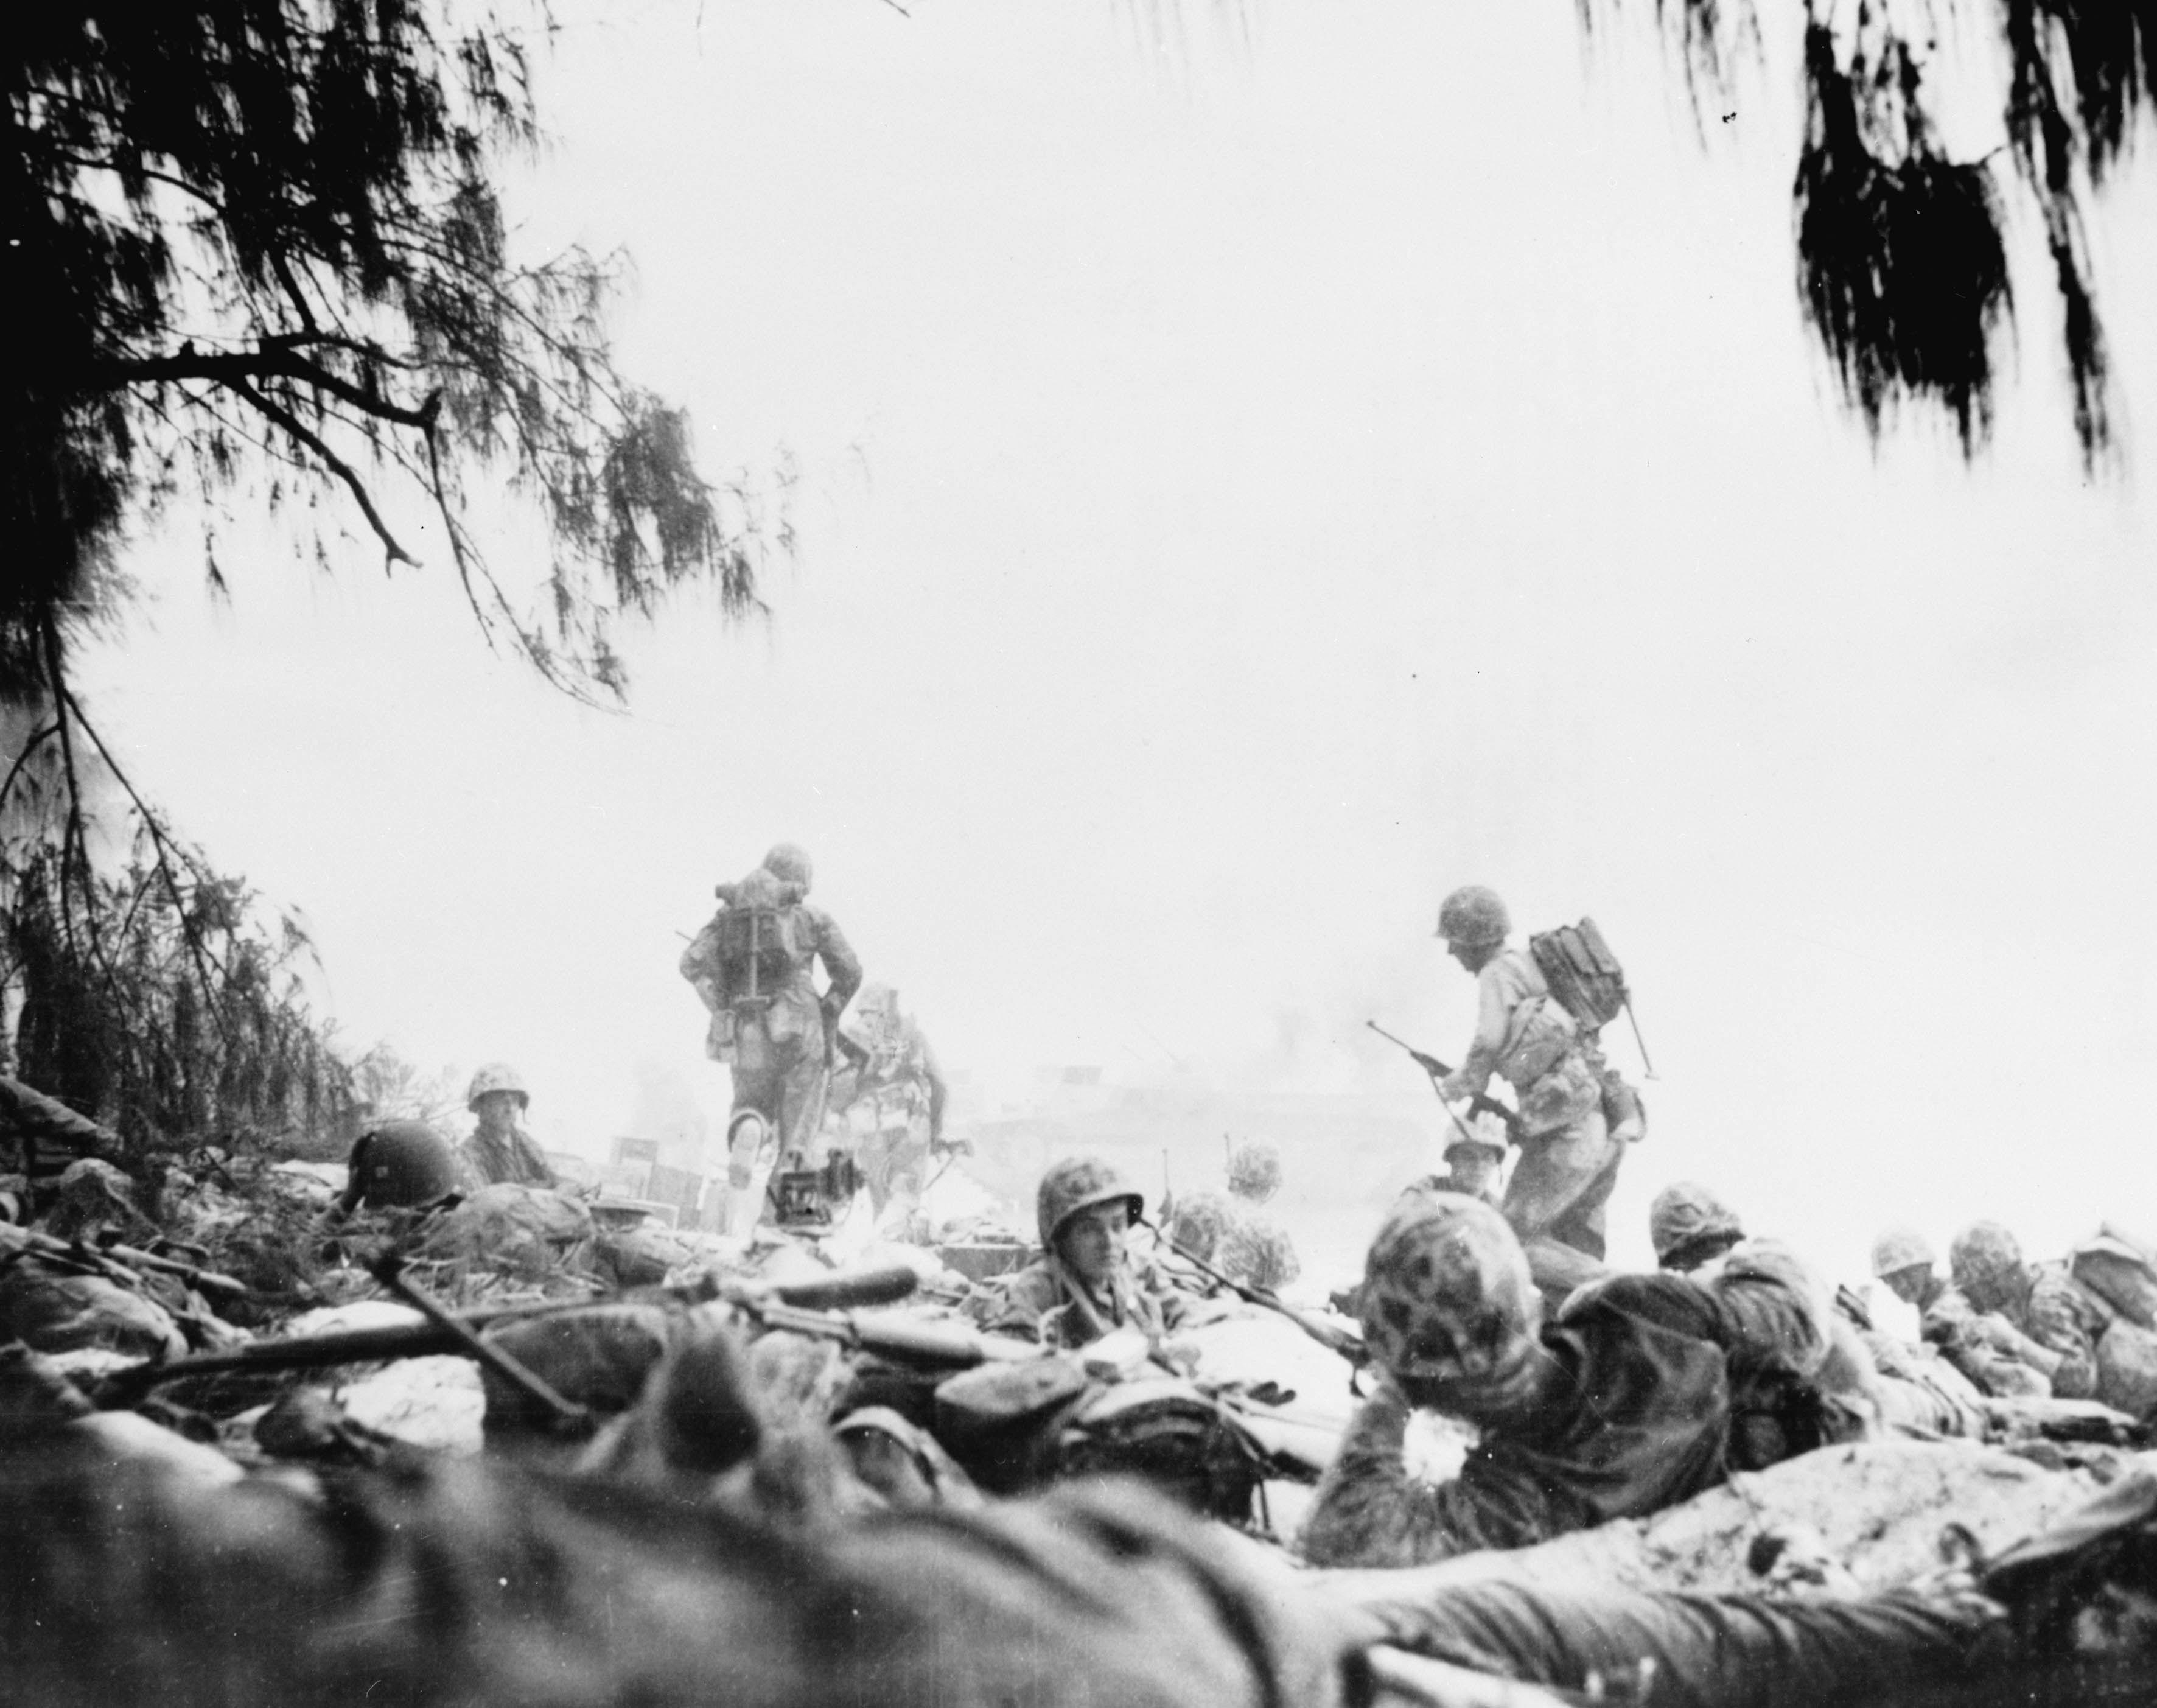 Saipan landings, 1944